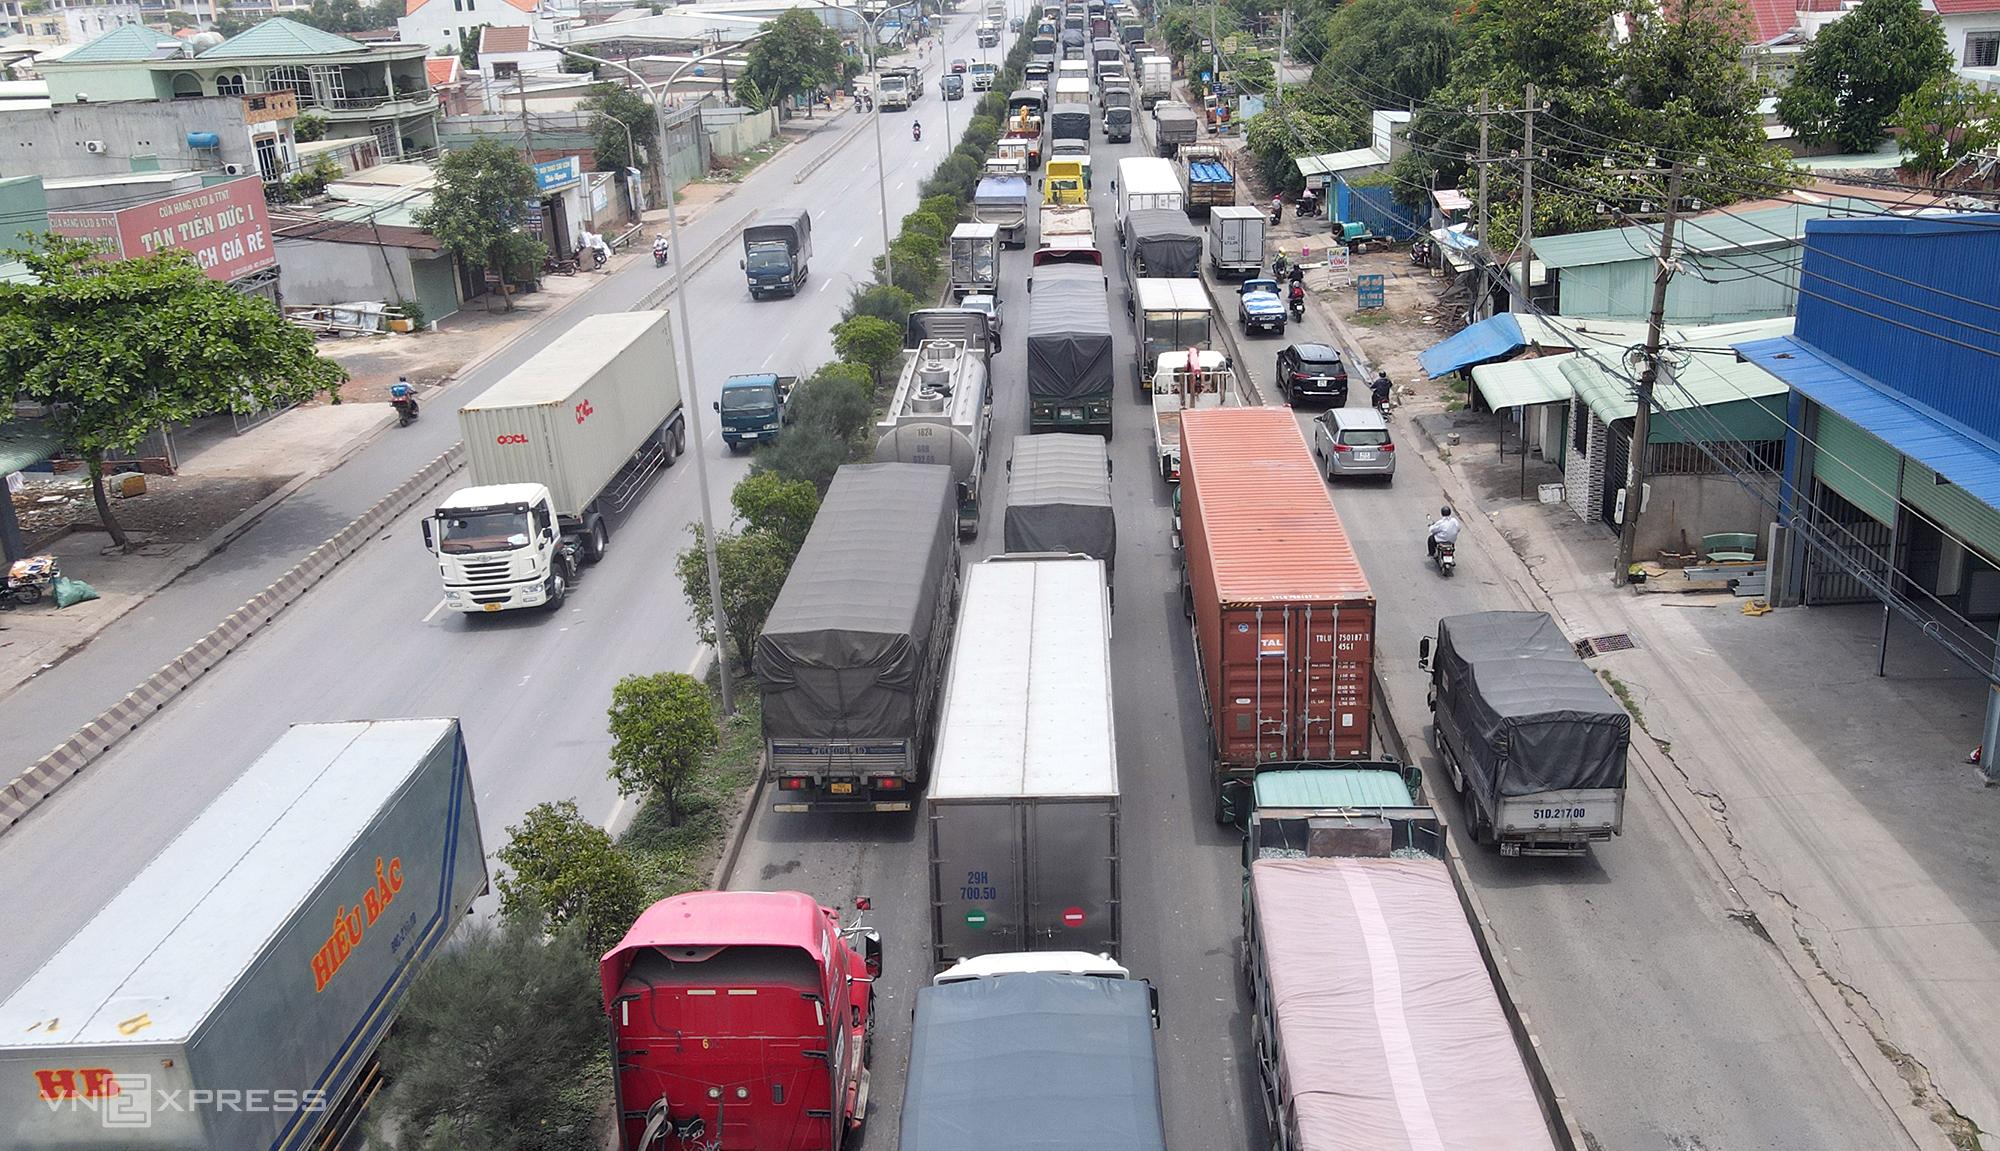 Quốc lộ 51 qua phường Long Bình Tân (Biên Hòa) kẹt xe kéo dài trưa 6/5. Ảnh: Phước Tuấn